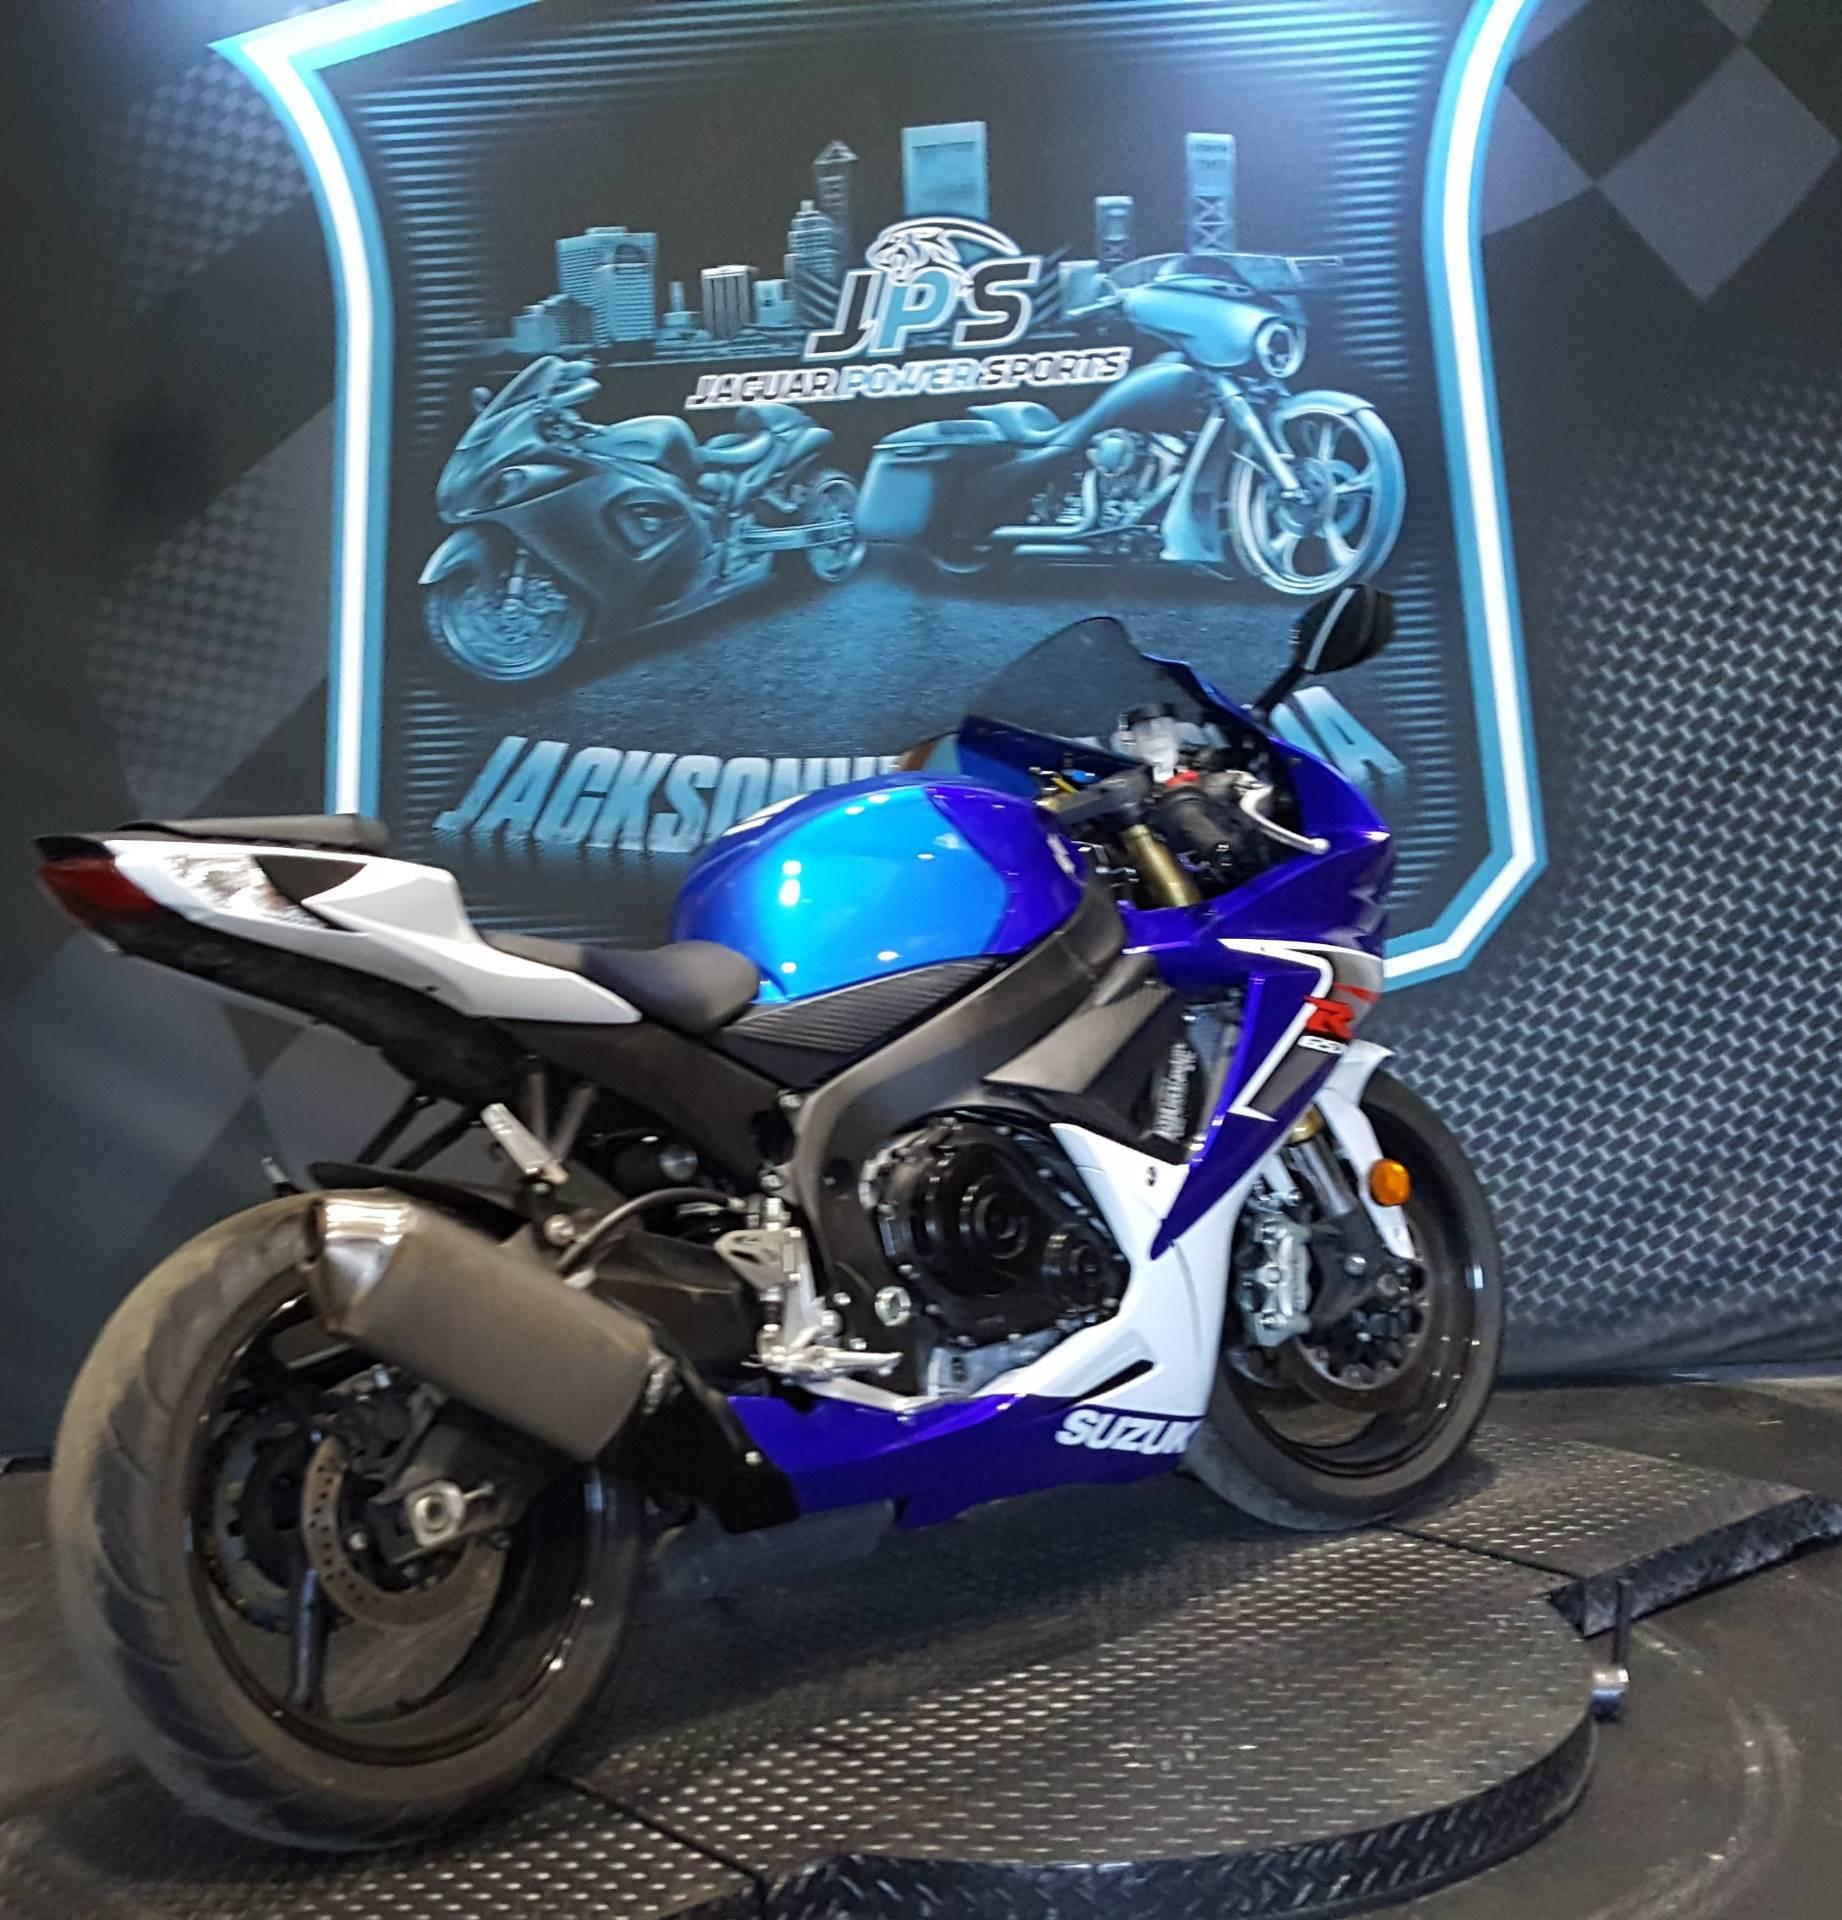 2014 Suzuki GSX-R750 10